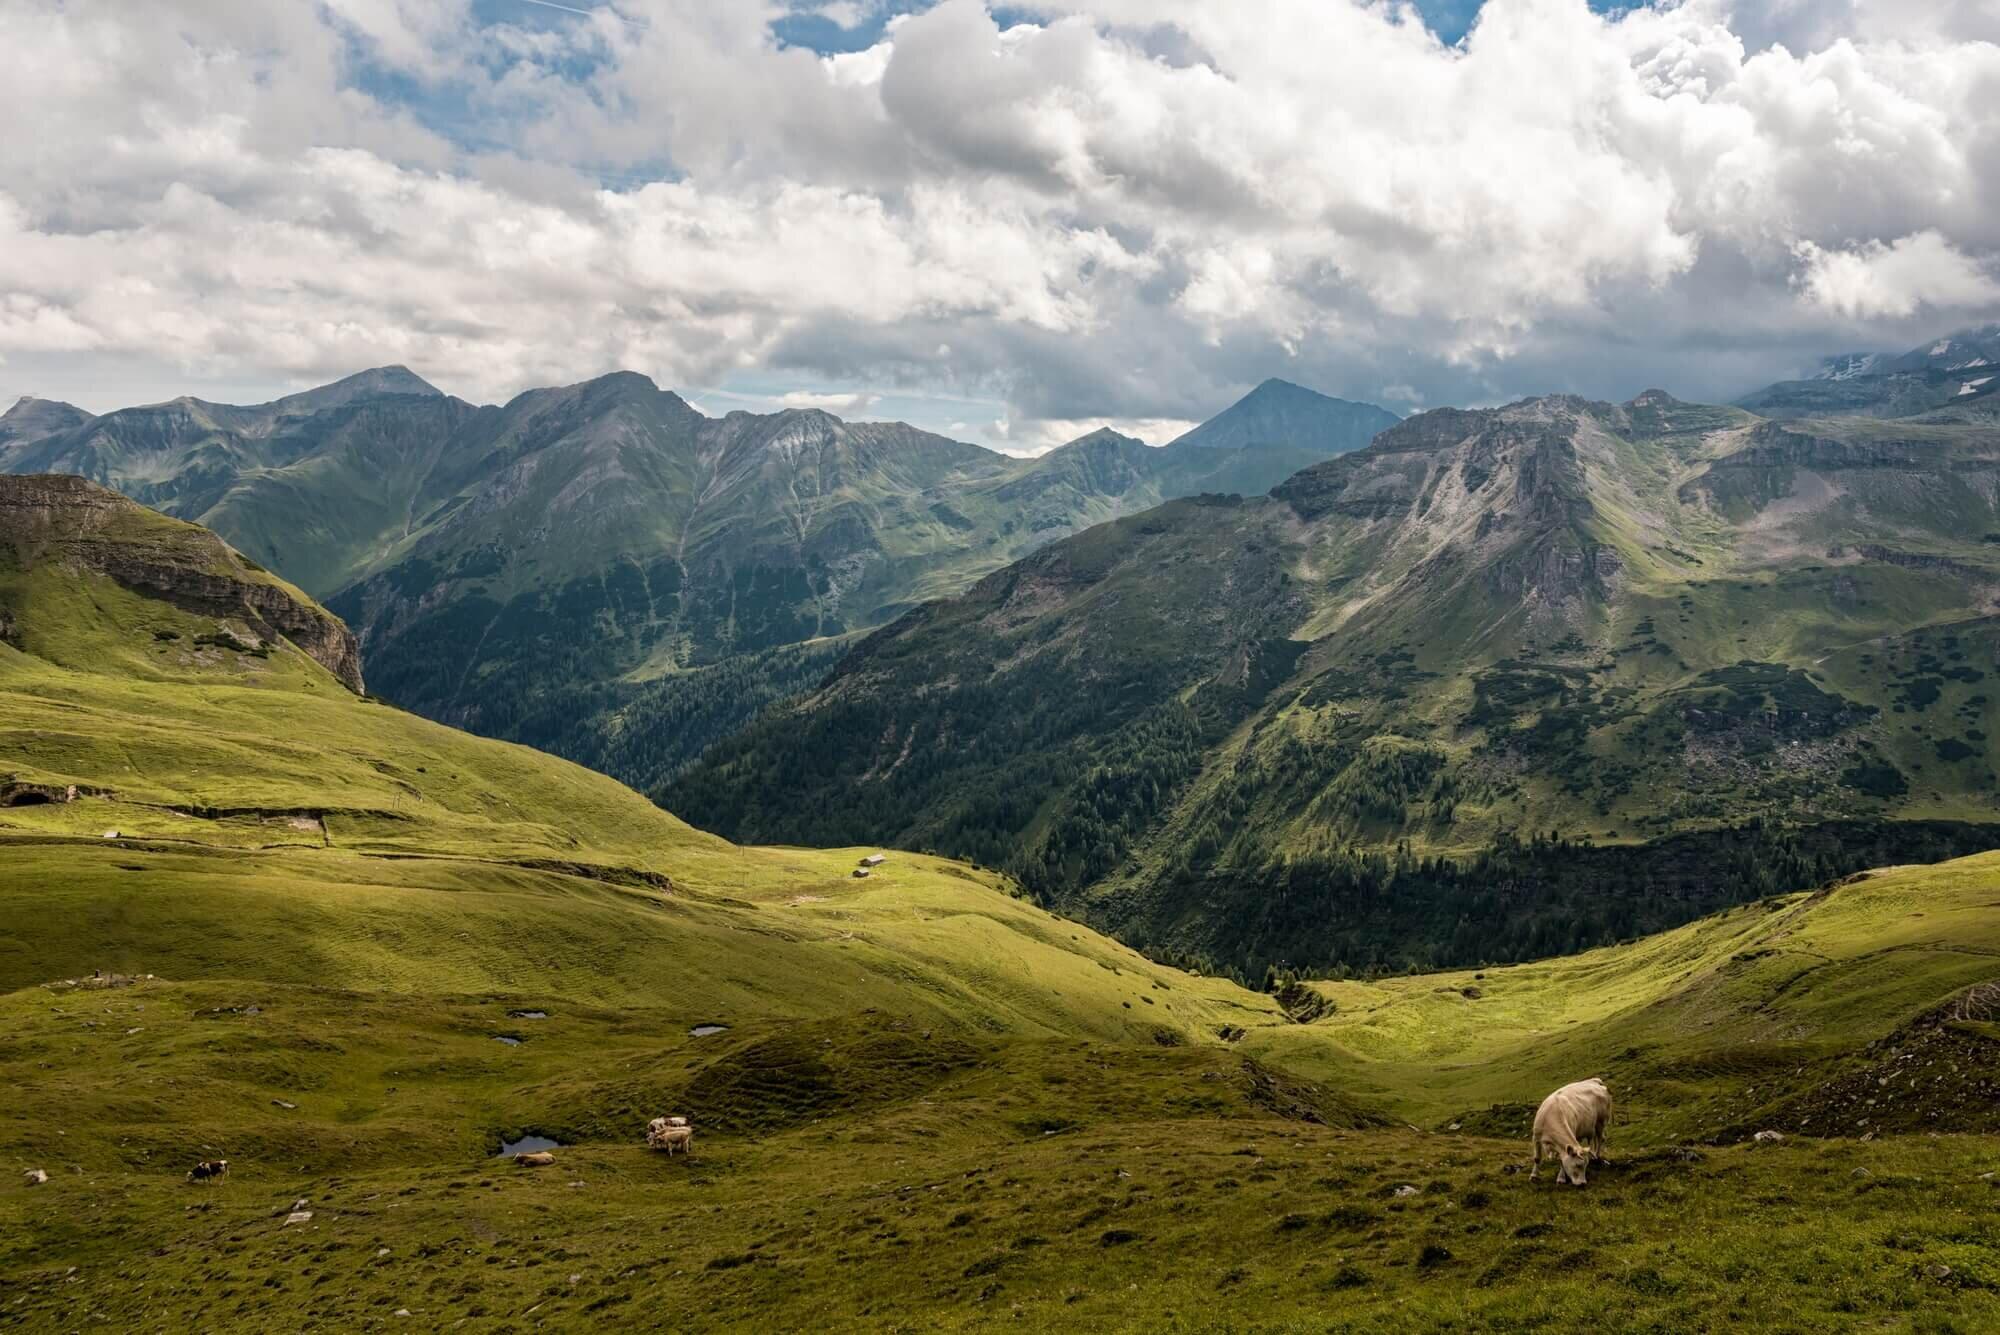 - גרוסגלוקנר אוסטריה -  Grossglockner valley, Austria